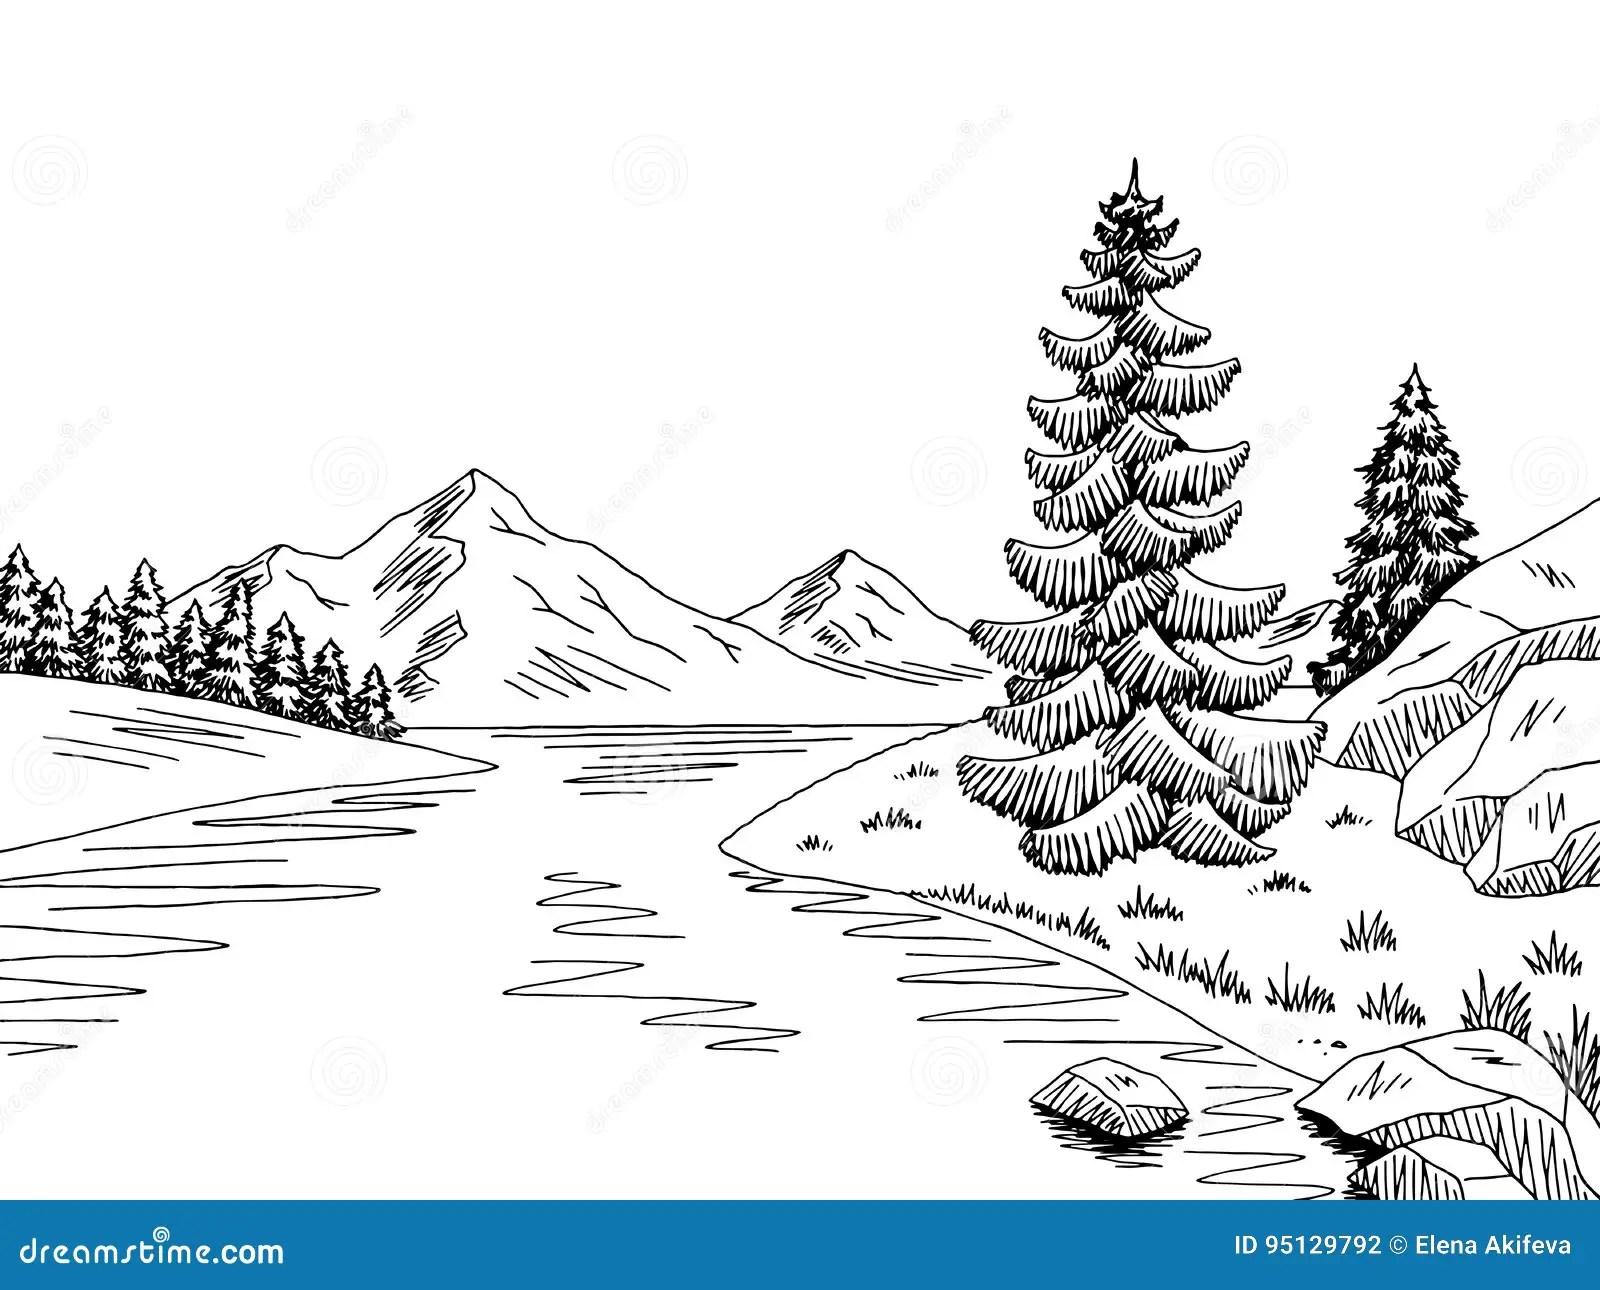 Mountain River Graphic Black White Landscape Sketch